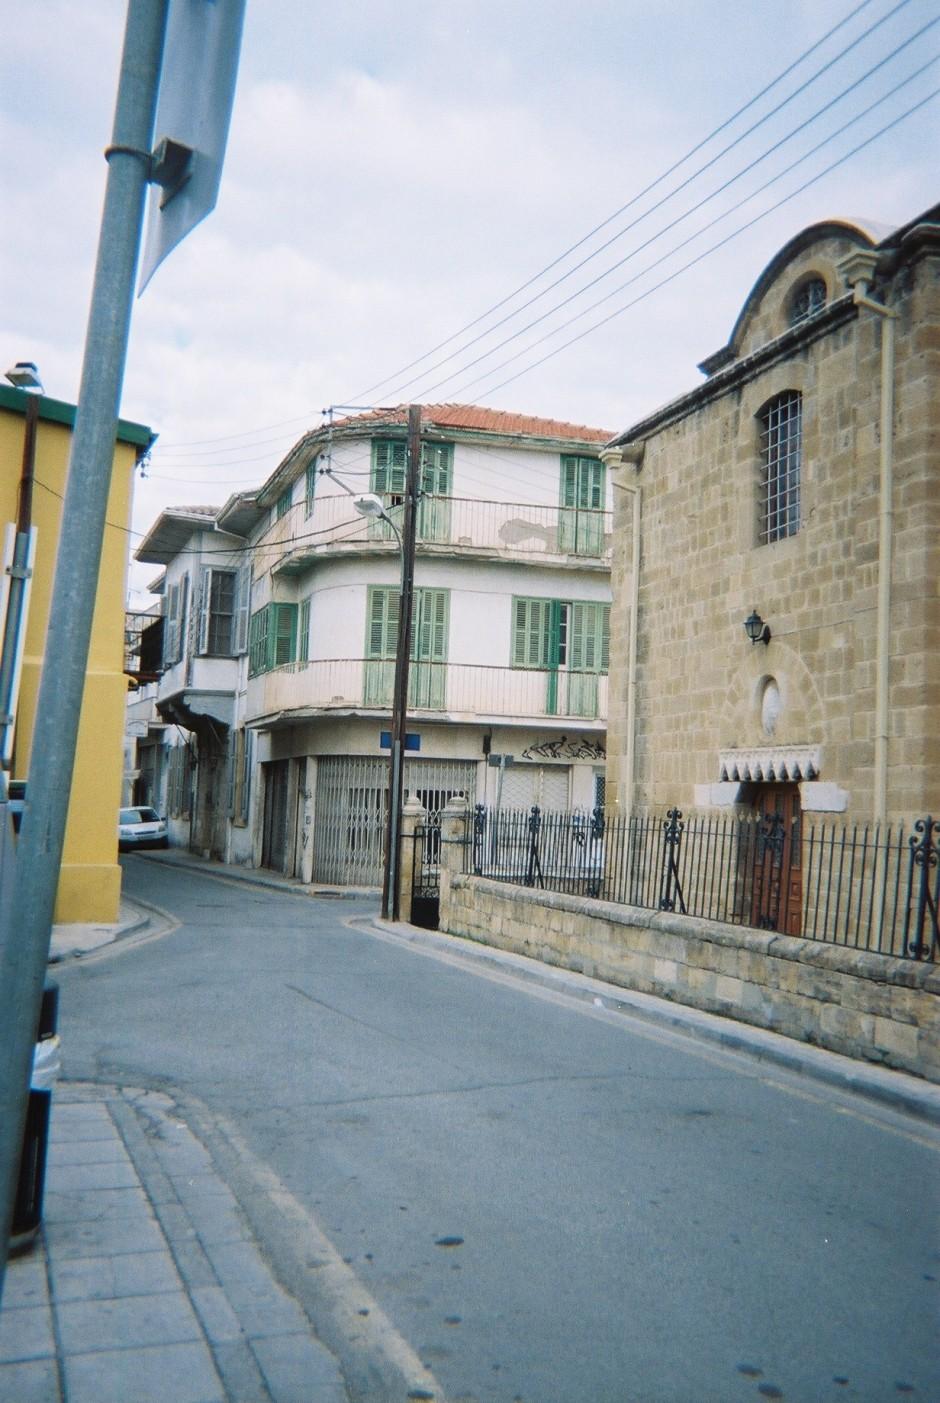 Cyprus buildings (2)